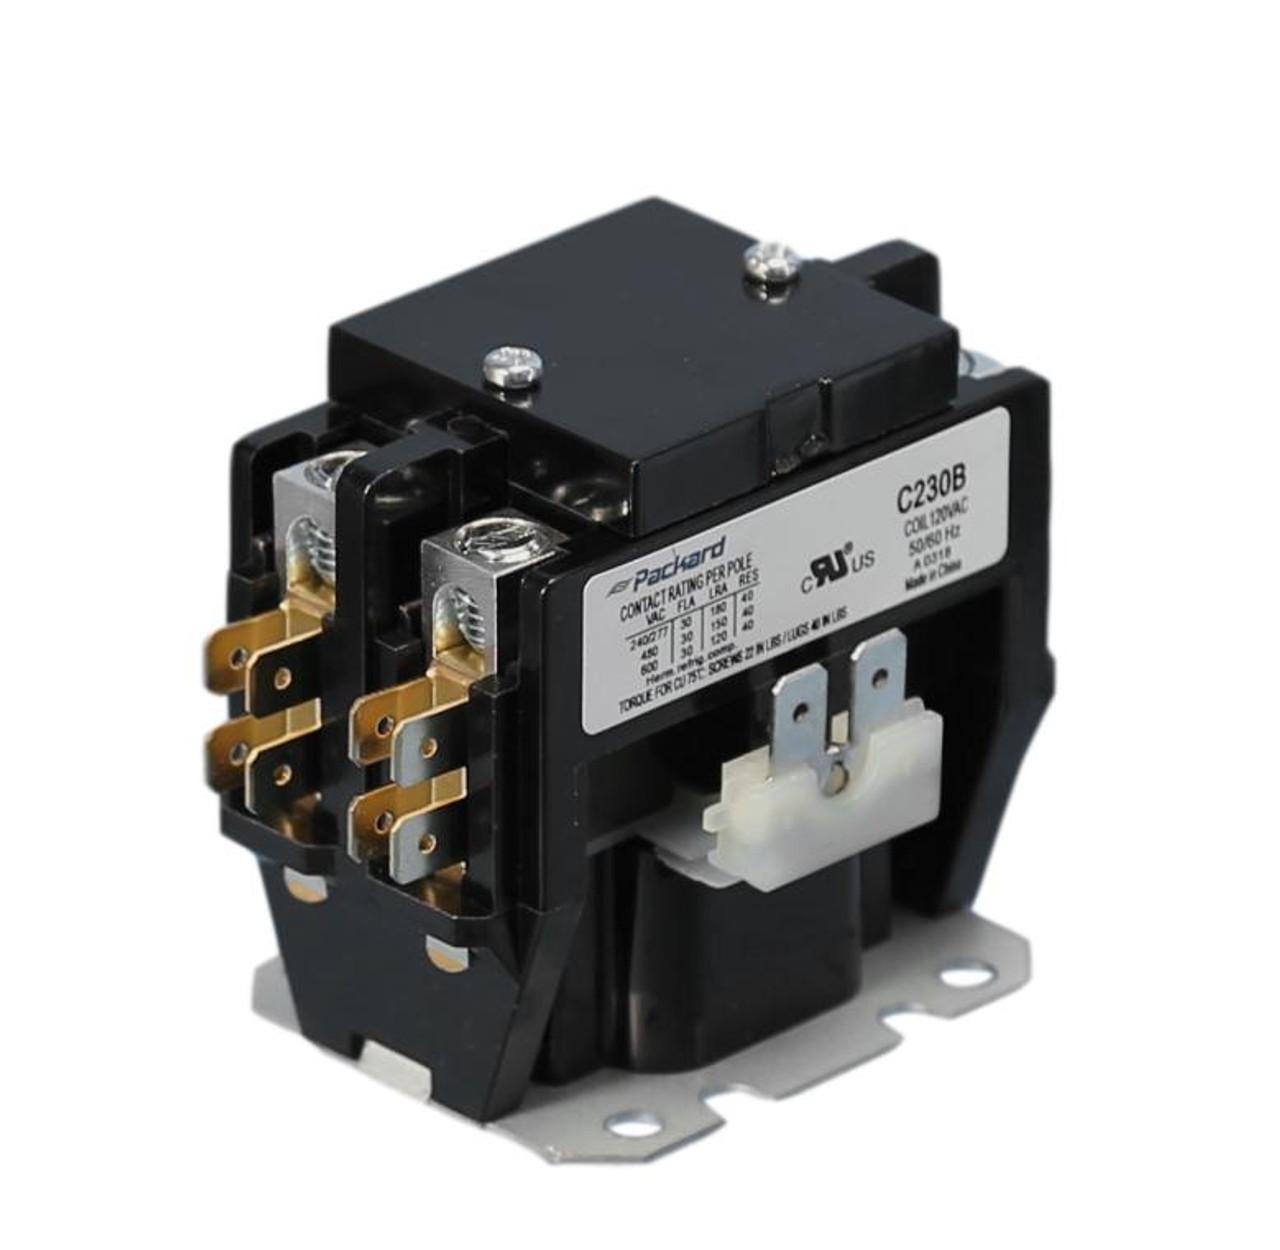 C230B HVAC 120V Contactor